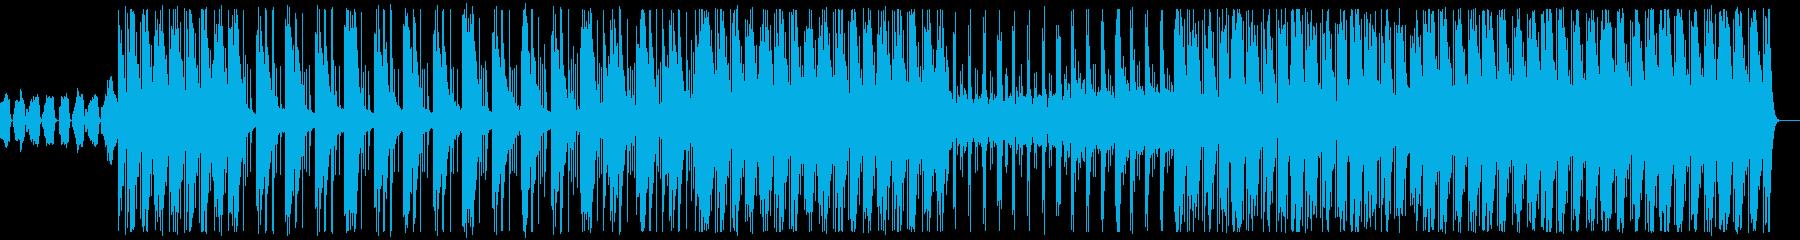 お洒落 切ない 感動 ヒップホップの再生済みの波形